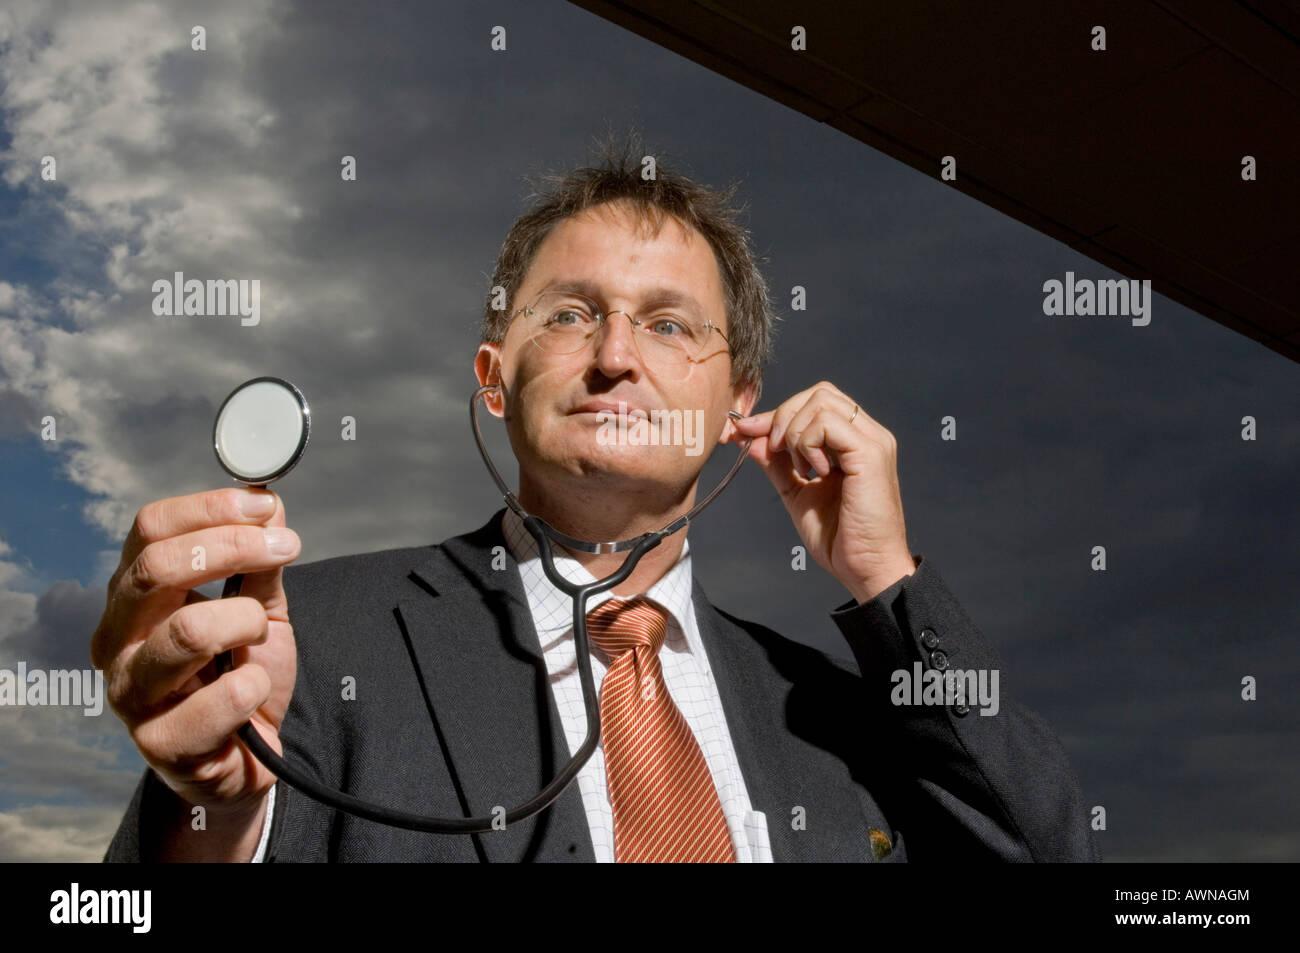 Guenther Jonitz, Président de la chambre de médecine de Berlin, Allemagne Banque D'Images